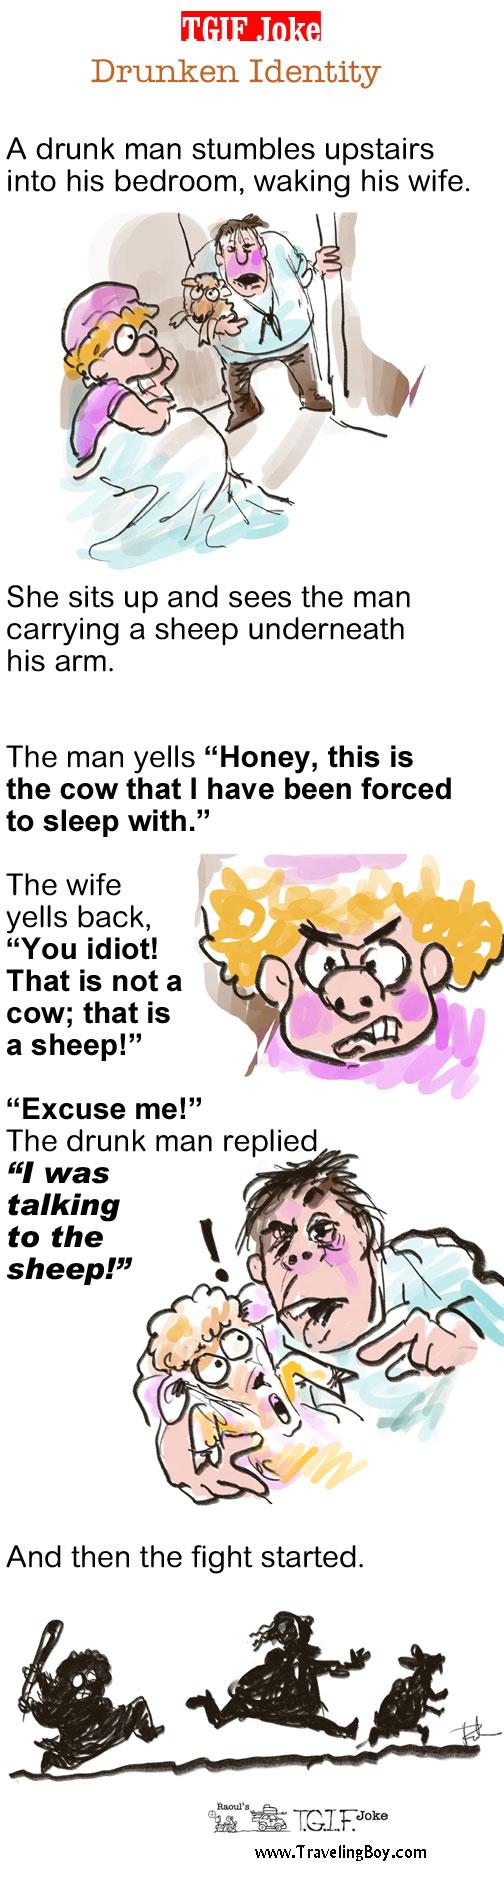 TGIF Joke of the Week: Drunken Identity